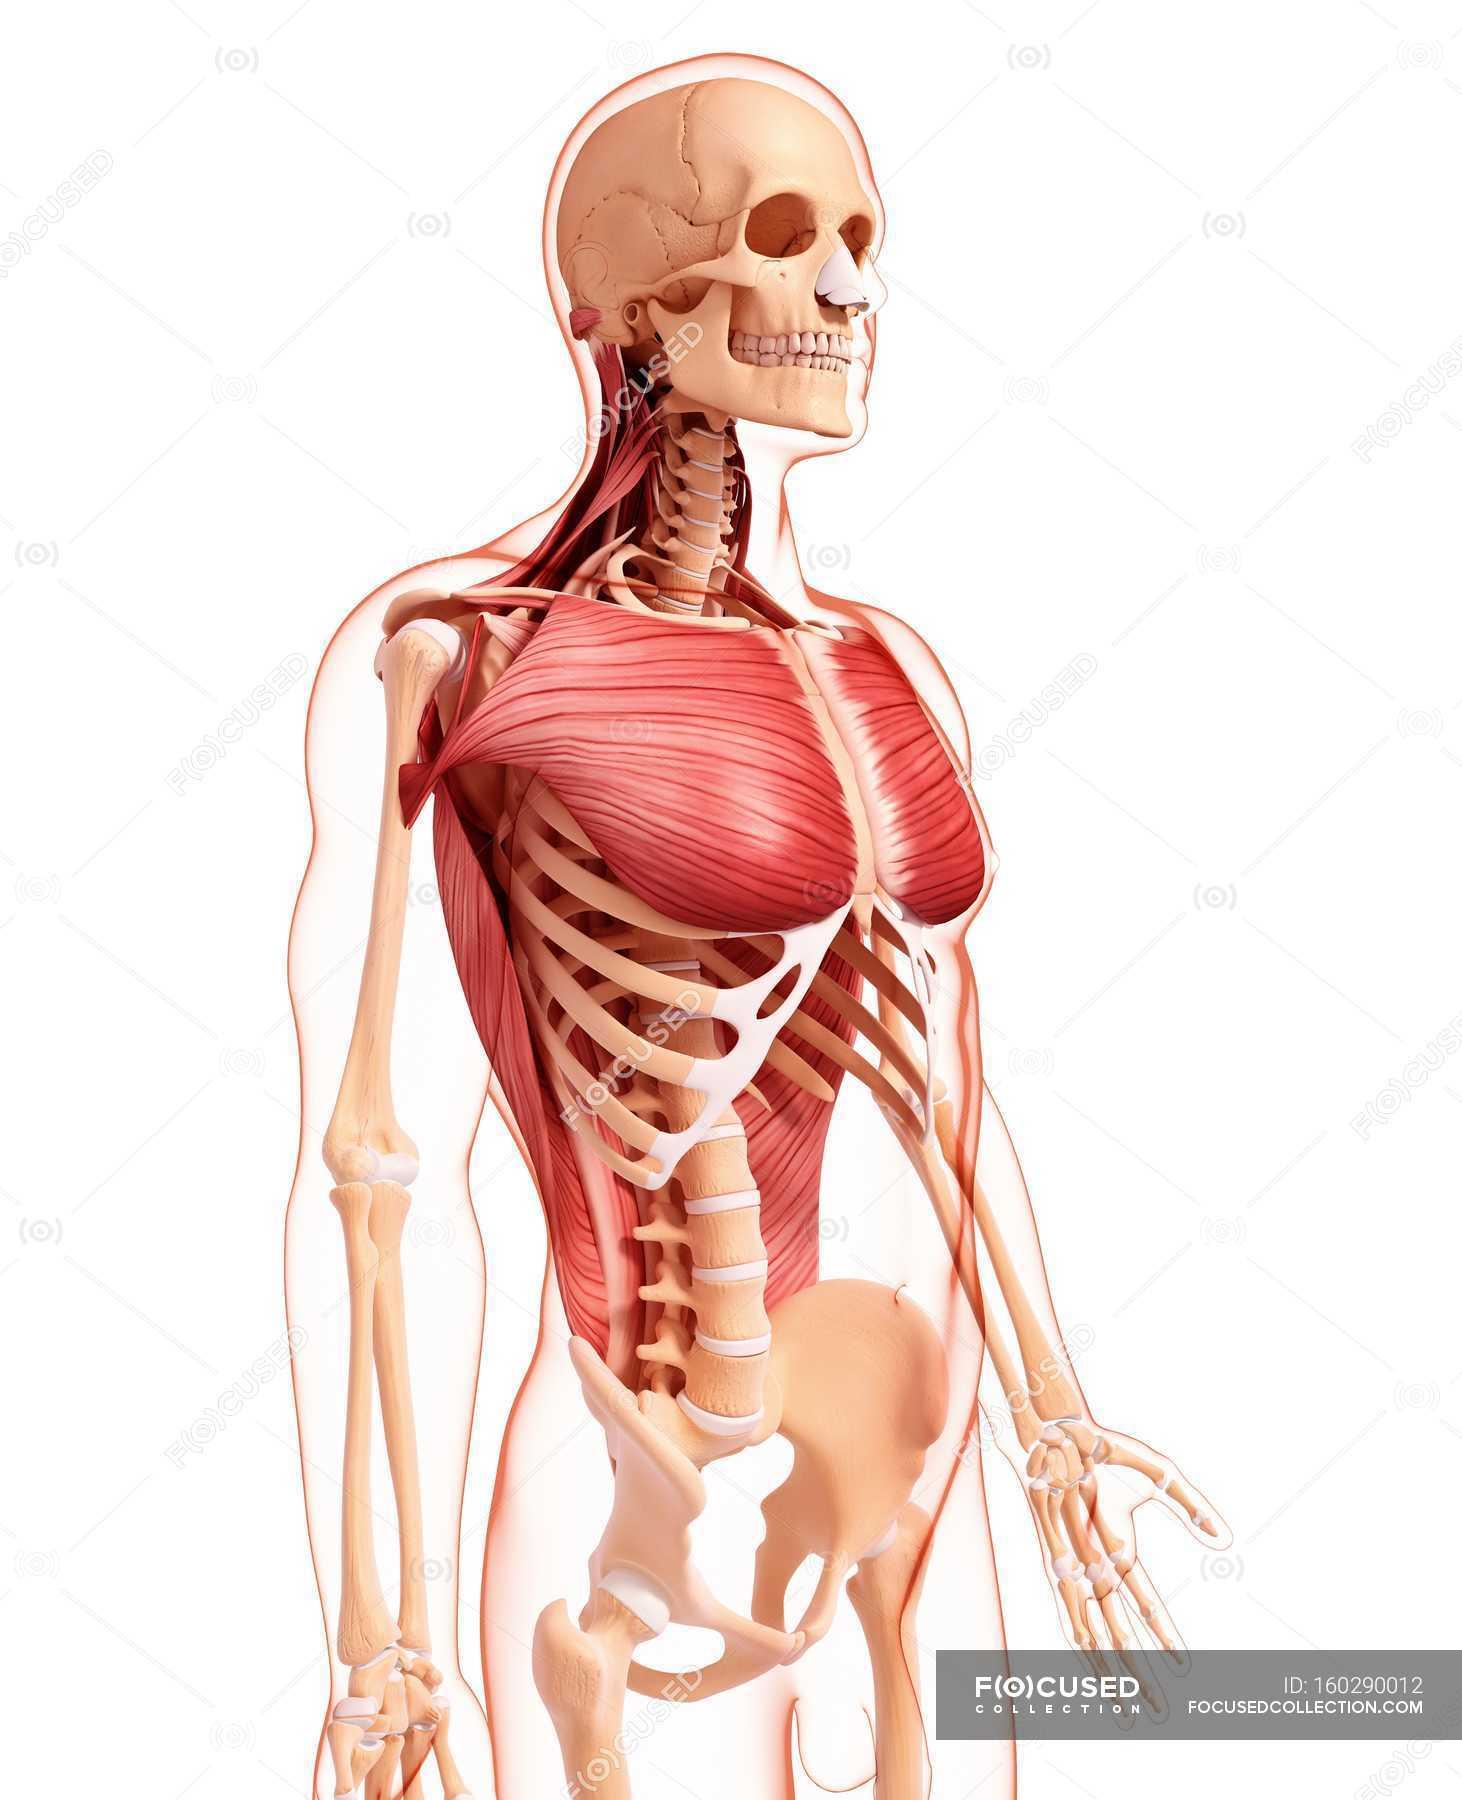 Menschliche Brust und Rückenmuskulatur — Stockfoto | #160290012